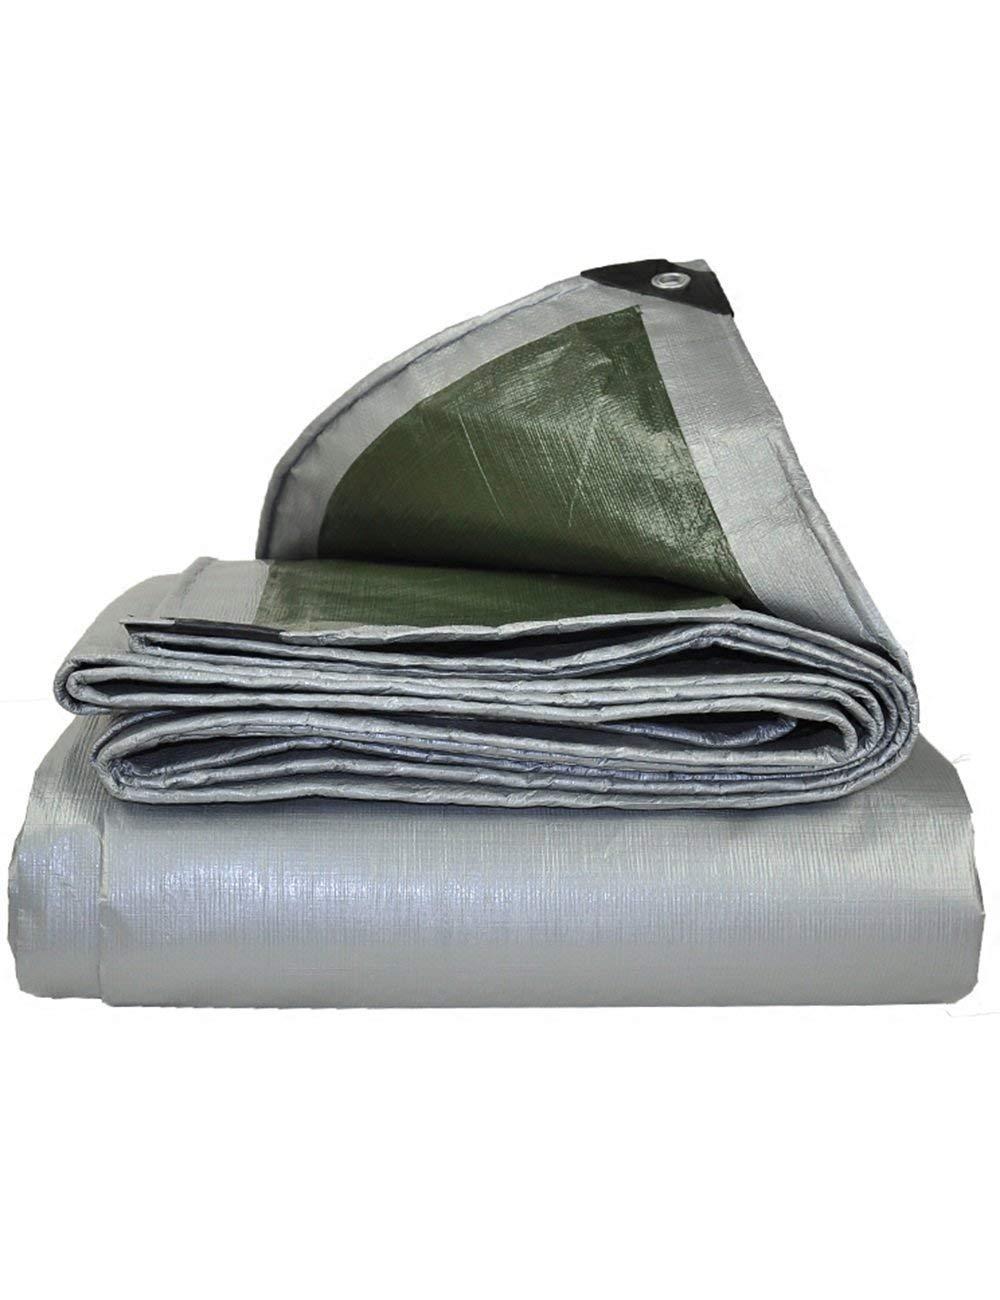 Fonly Silberne Wasserdichte Plane-Abdeckung Verdicken Tarp-Zelt-kampierenden Hochleistungsfarbton